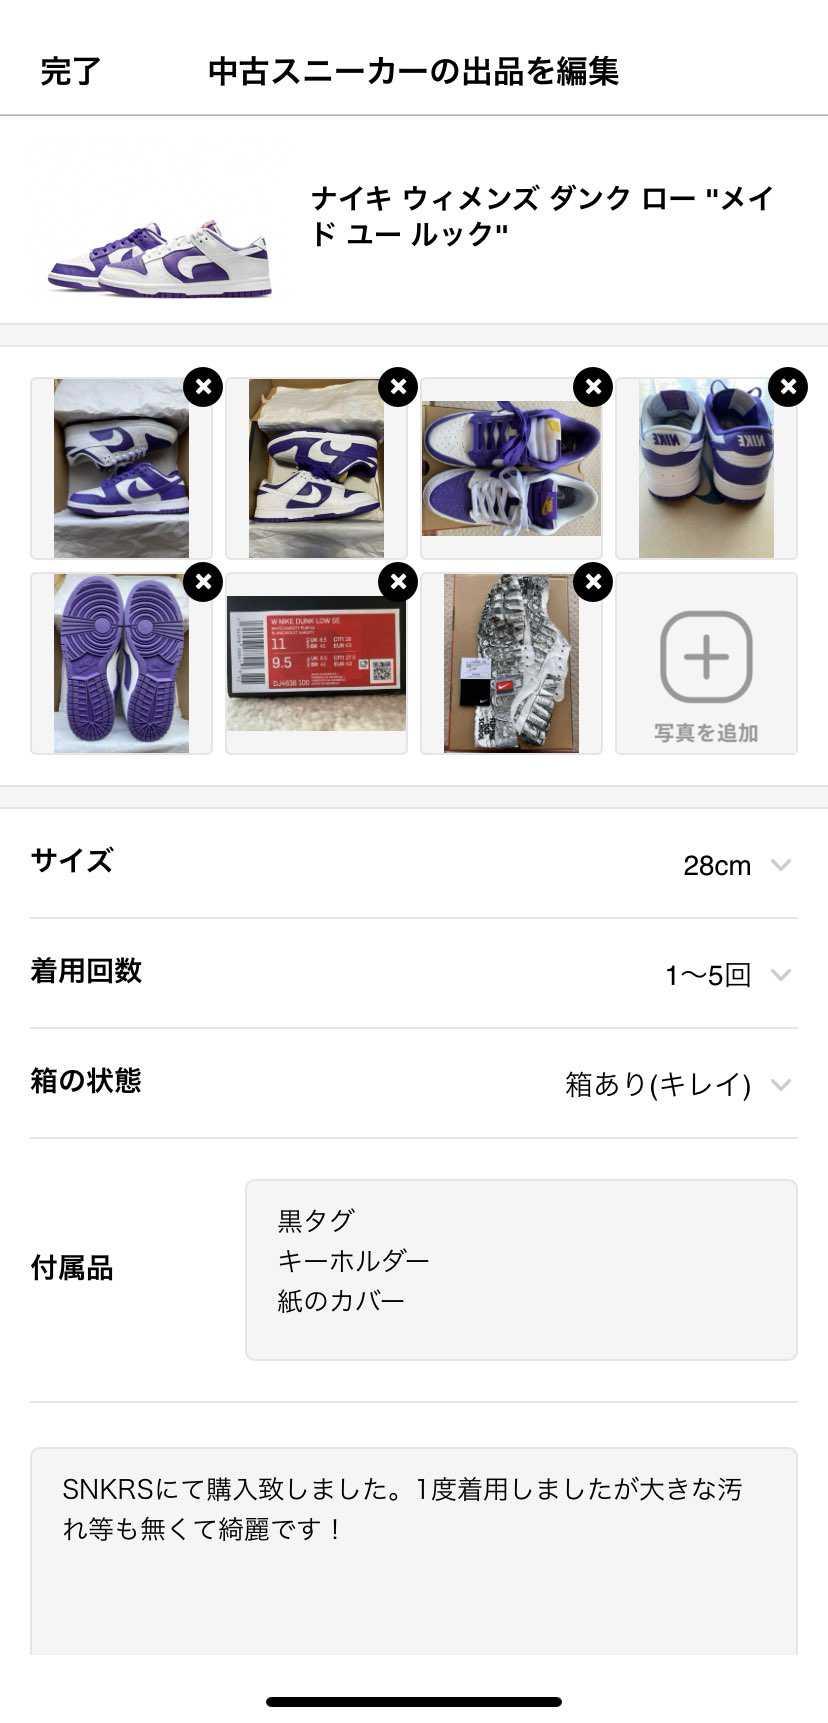 28cm23000円で出品しております! よろしくお願いします!